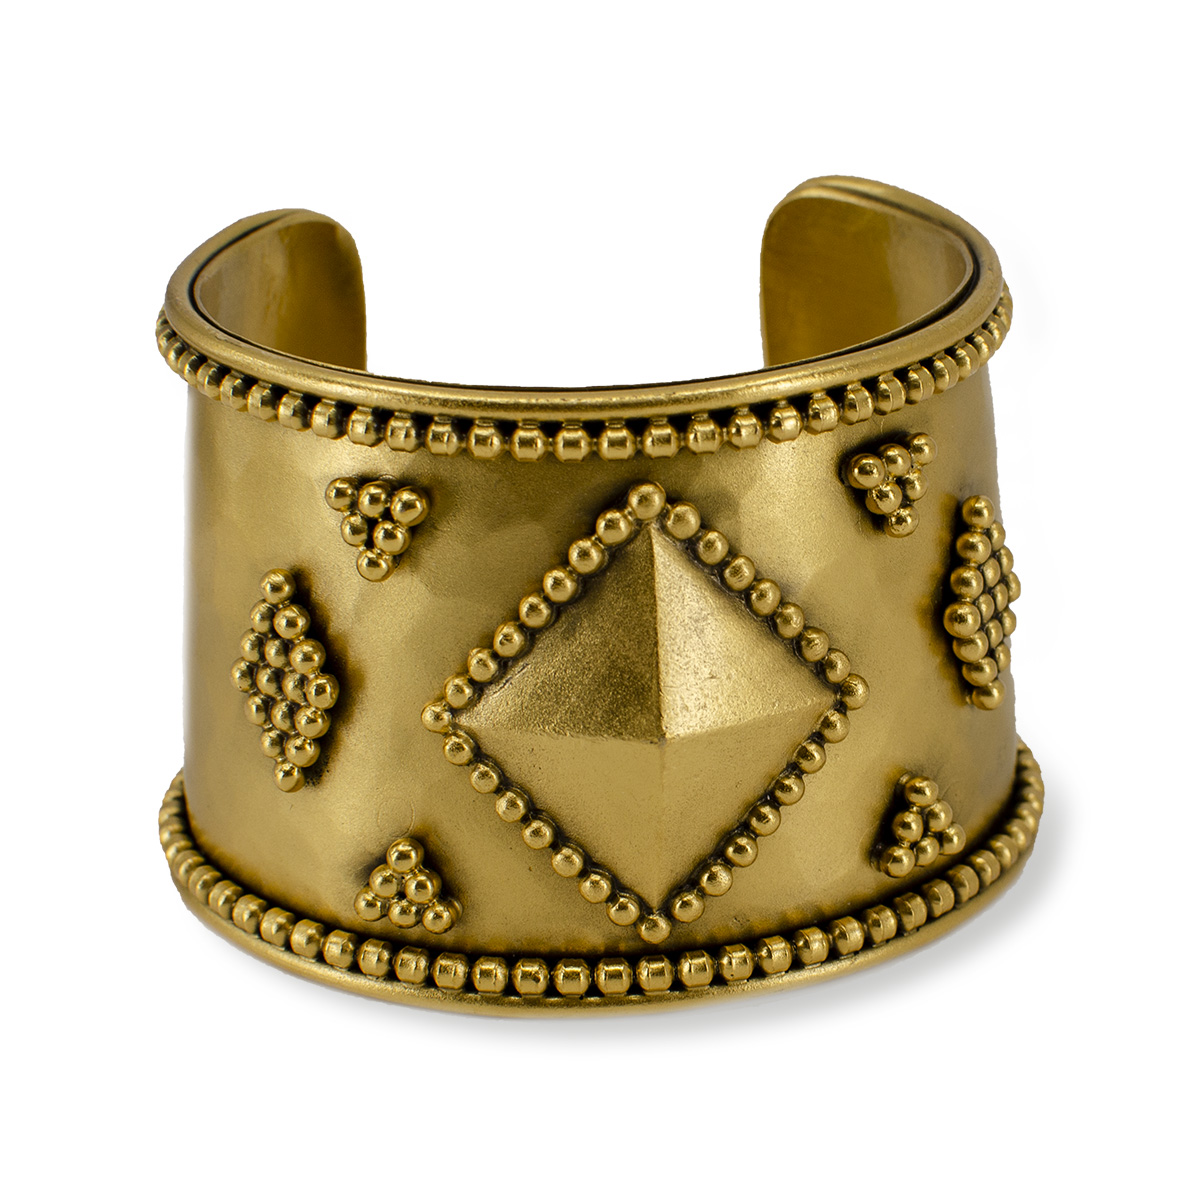 YLS gold bracelet